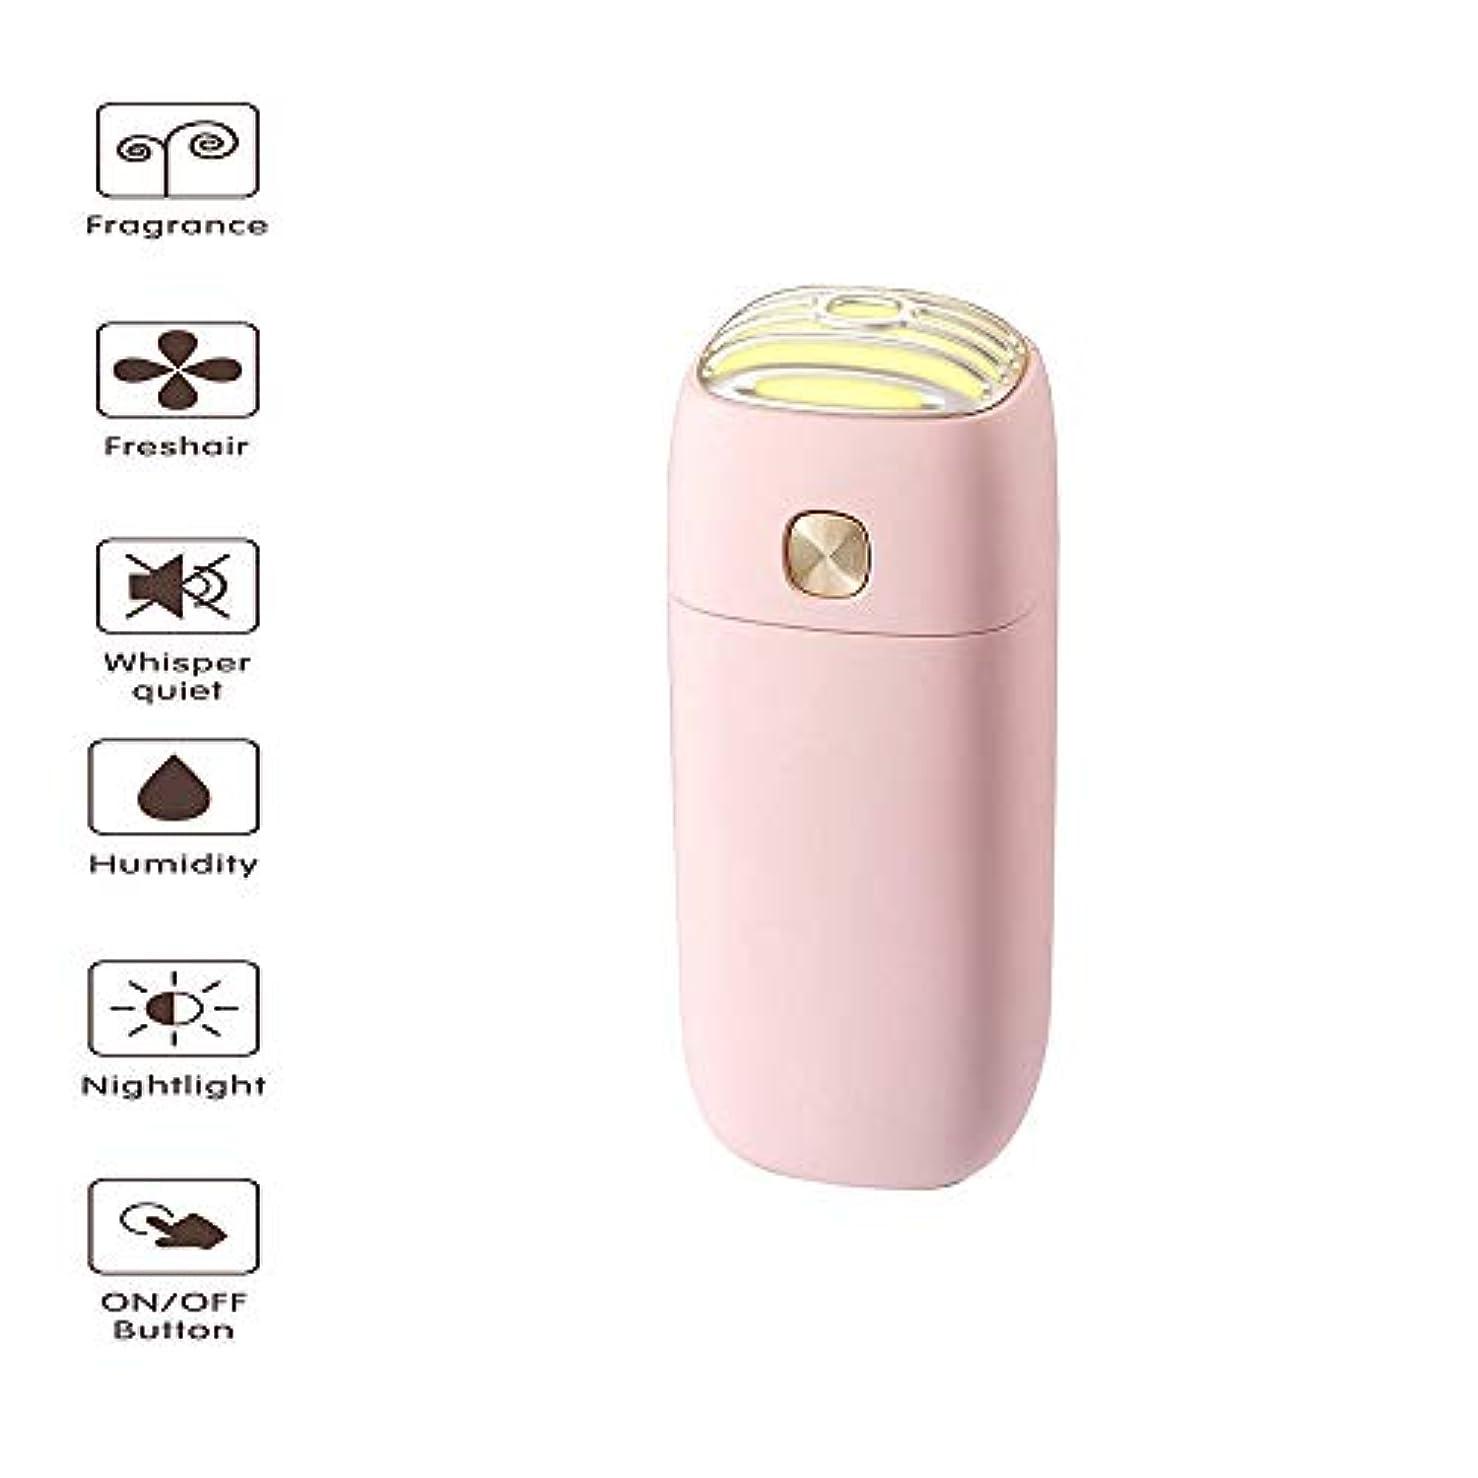 突っ込む共産主義者手段アロマセラピーエッセンシャルオイルディフューザー芳香加湿器タイマーと水なし自動消灯LEDナイトライト空気清浄機ヨガ - ホーム,Pink